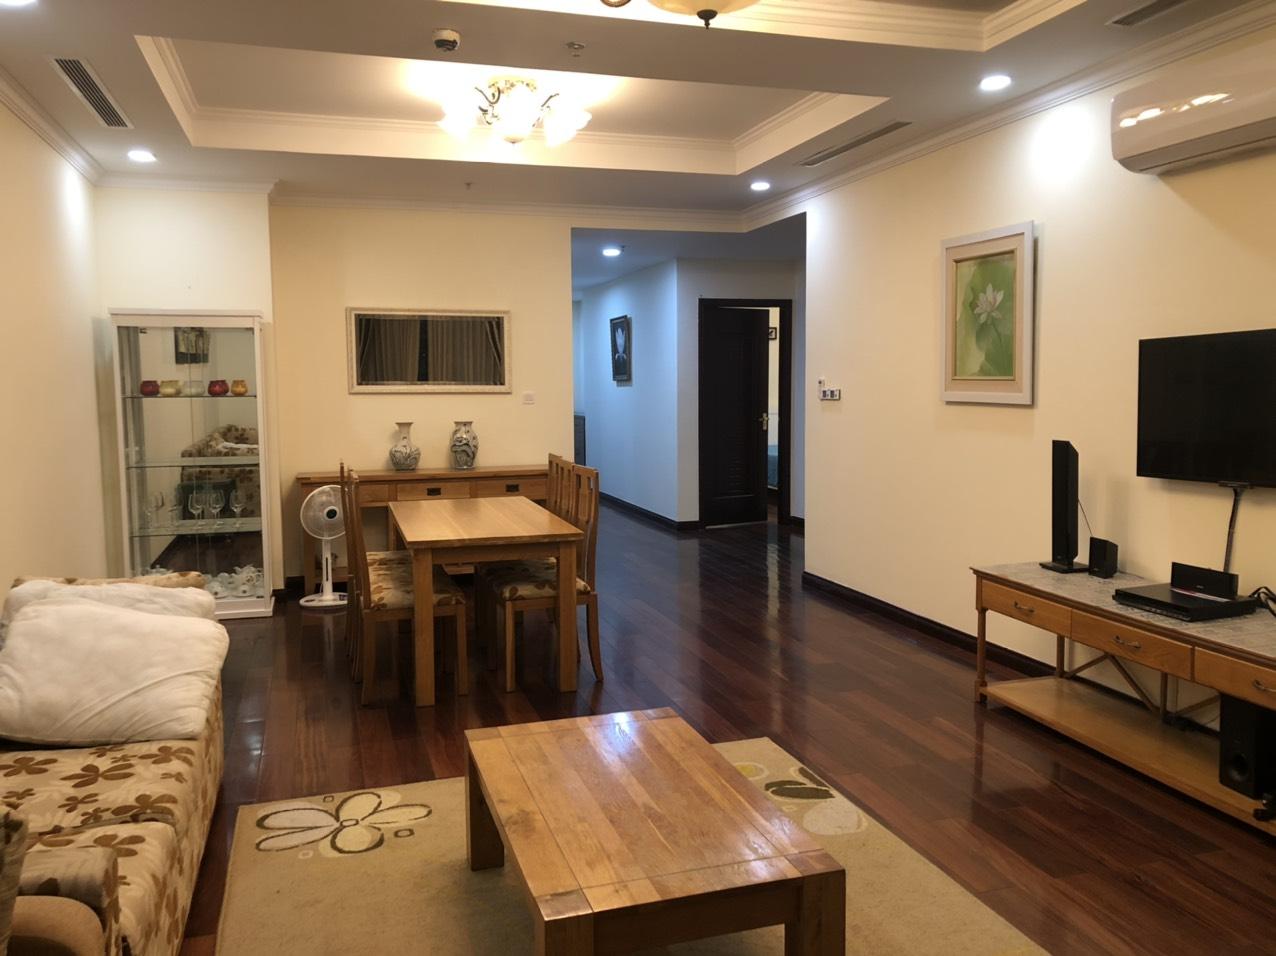 Thuê căn hộ 2 phòng ngủ đủ đồ hướng mát giá siêu rẻ Royal city